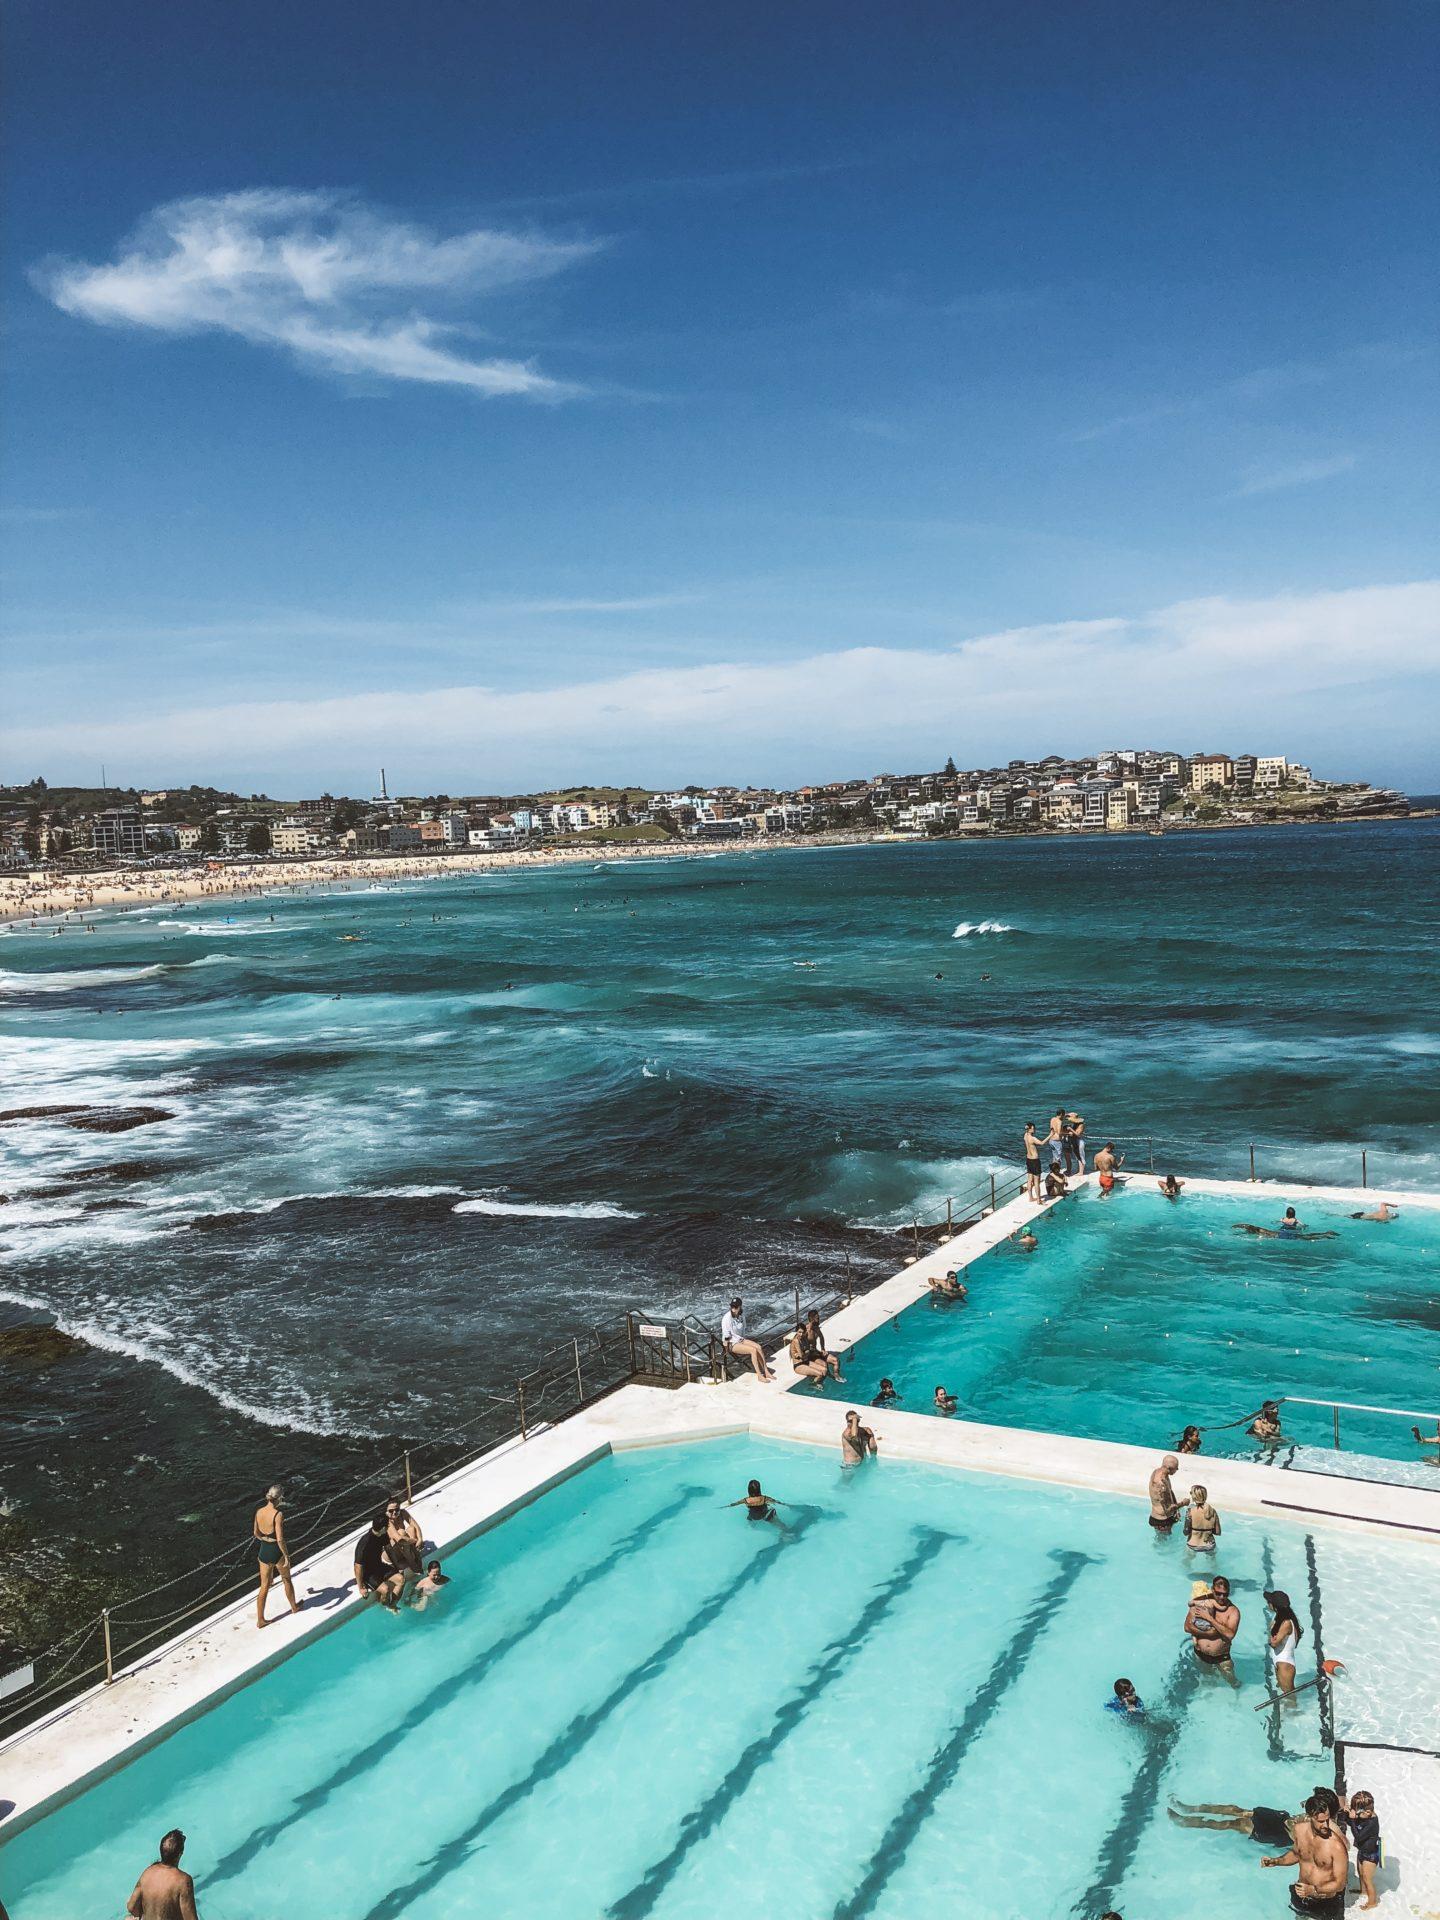 Bondi Iceberg Sydney Phare Byron Bay - Blondie Baby blog mode et voyages